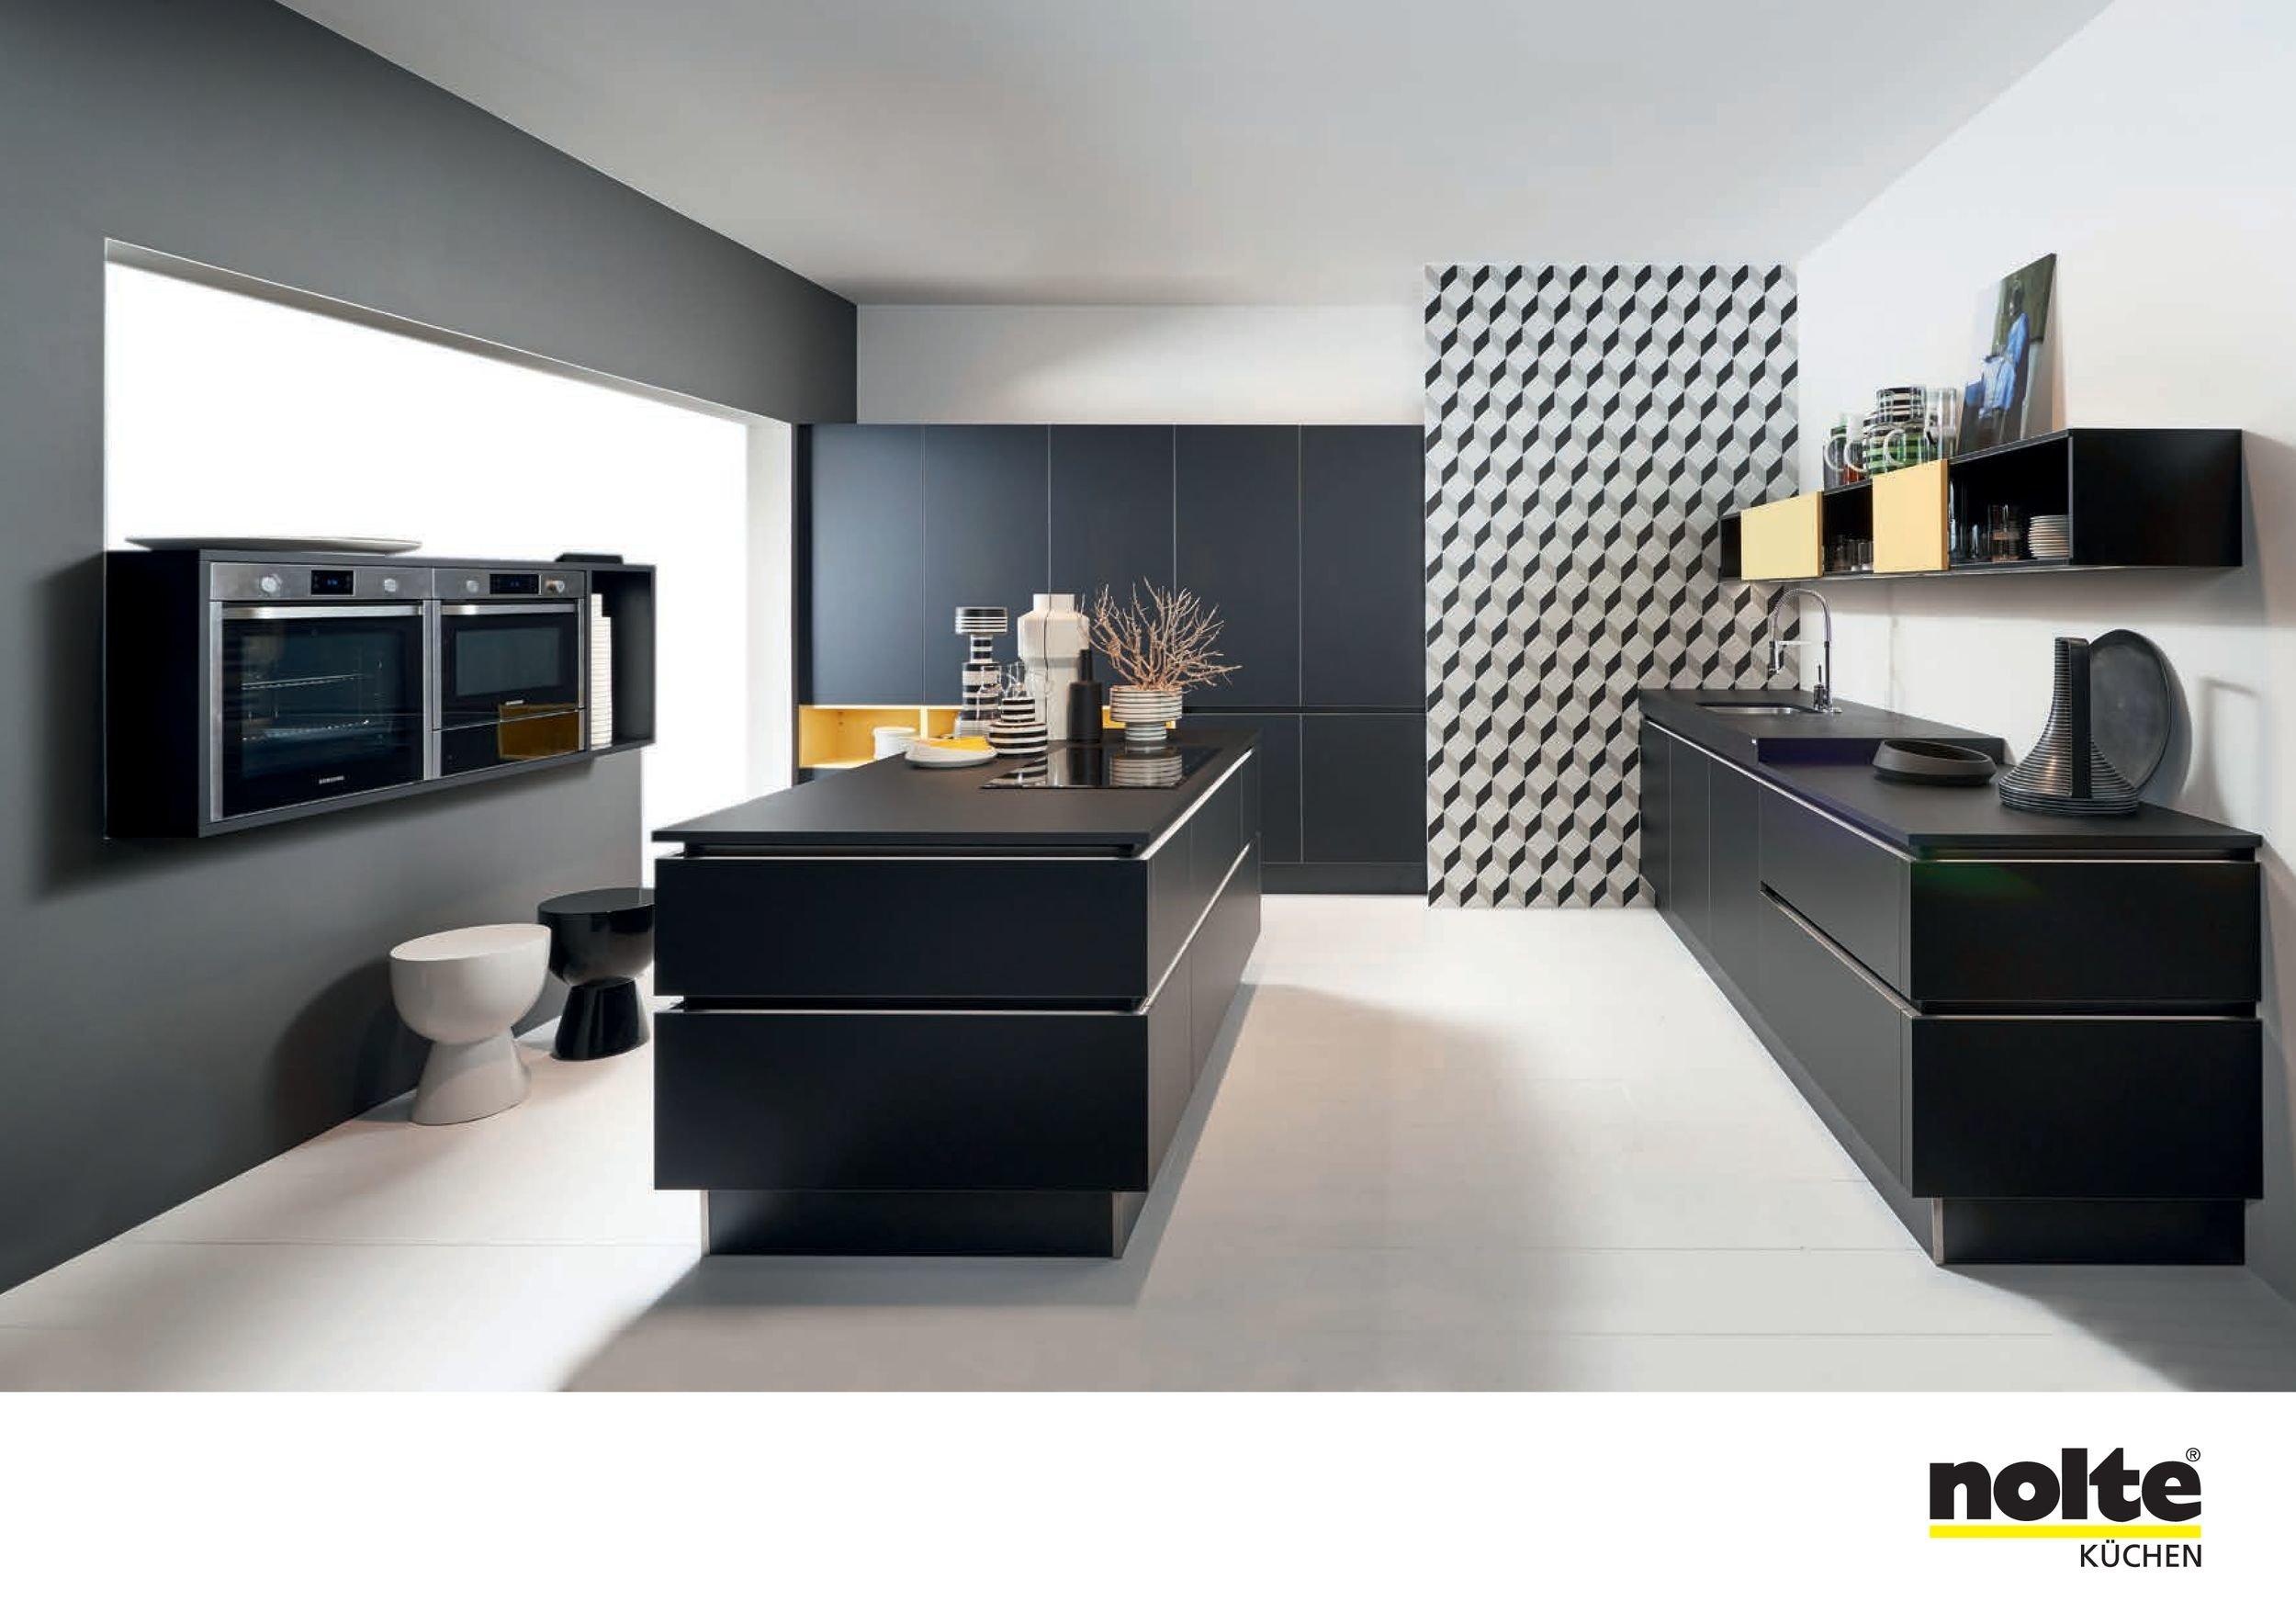 Full Size of Küche Nolte Oder Ikea Spritzschutz Küche Nolte Küche Nolte Matrix 150 Küche Nolte Elegance Küche Küche Nolte